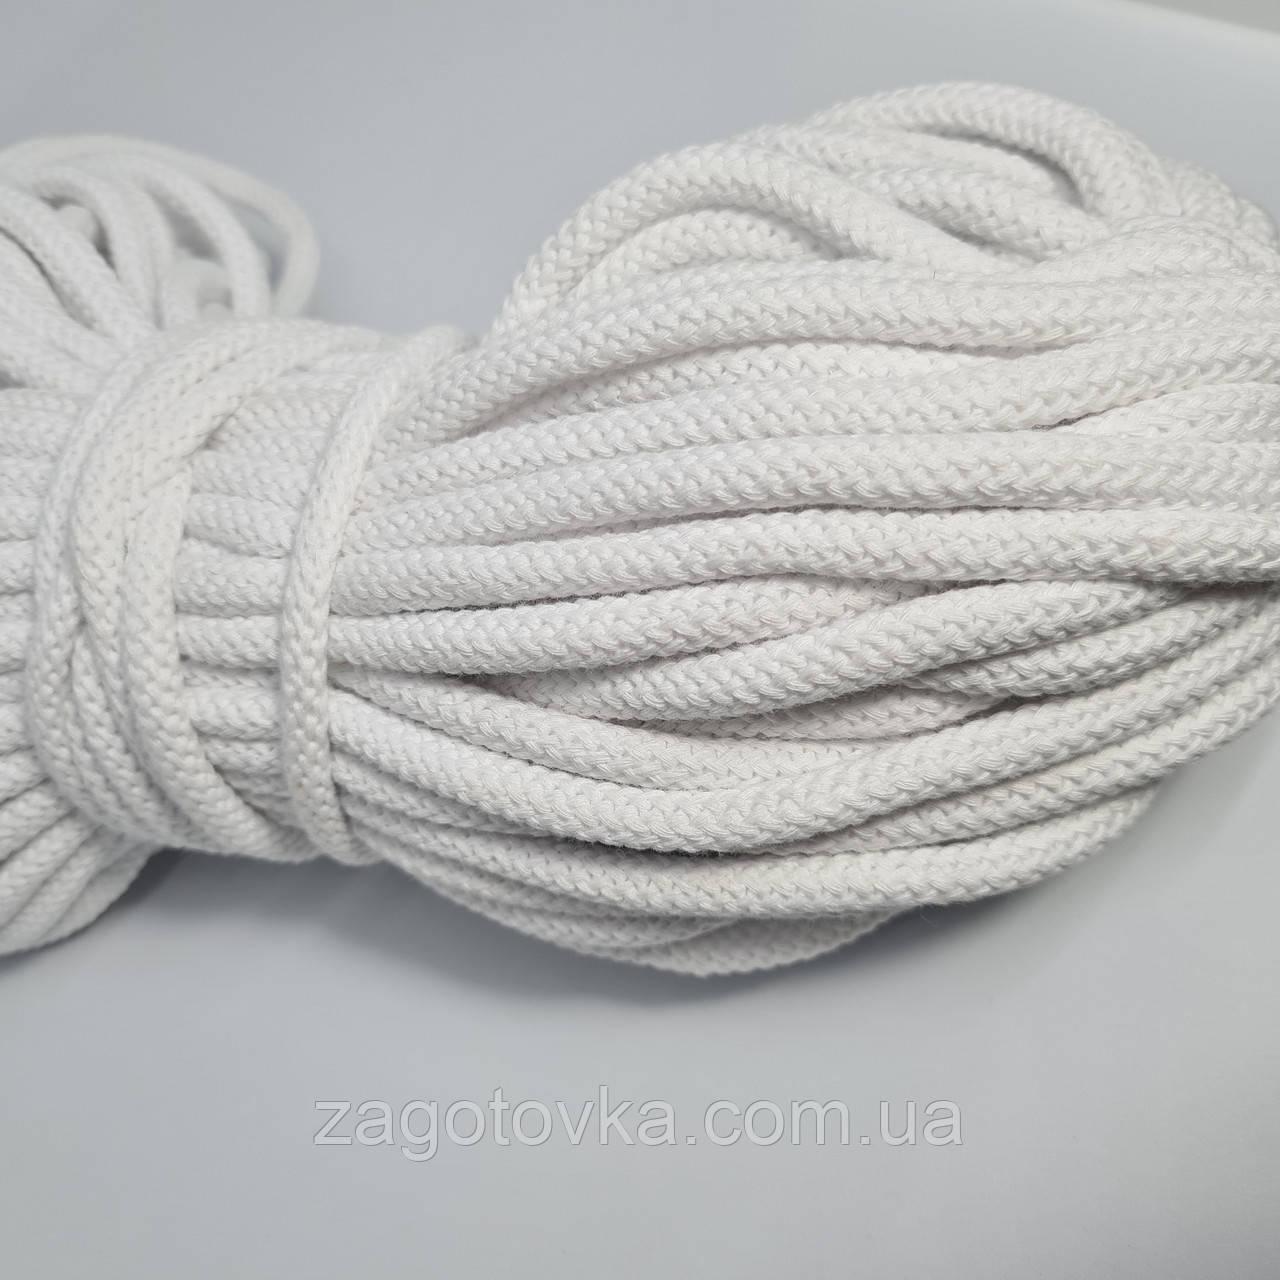 Шнур хлопковый с сердечником 8мм/50м Белый